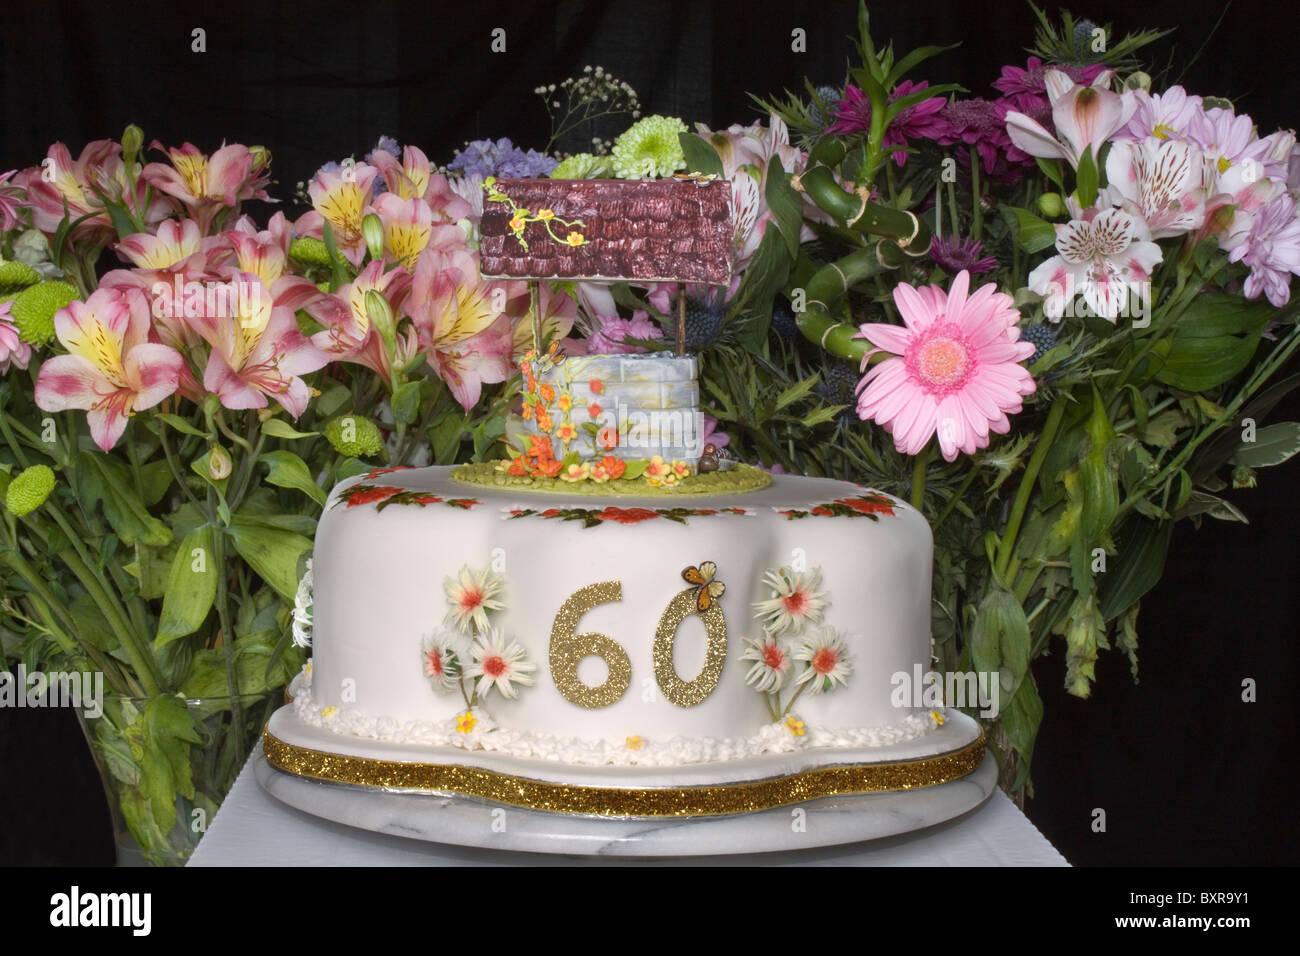 Einen 60 Geburtstag Kuchen Mit Wunschbrunnen Auf Der Oberseite Und